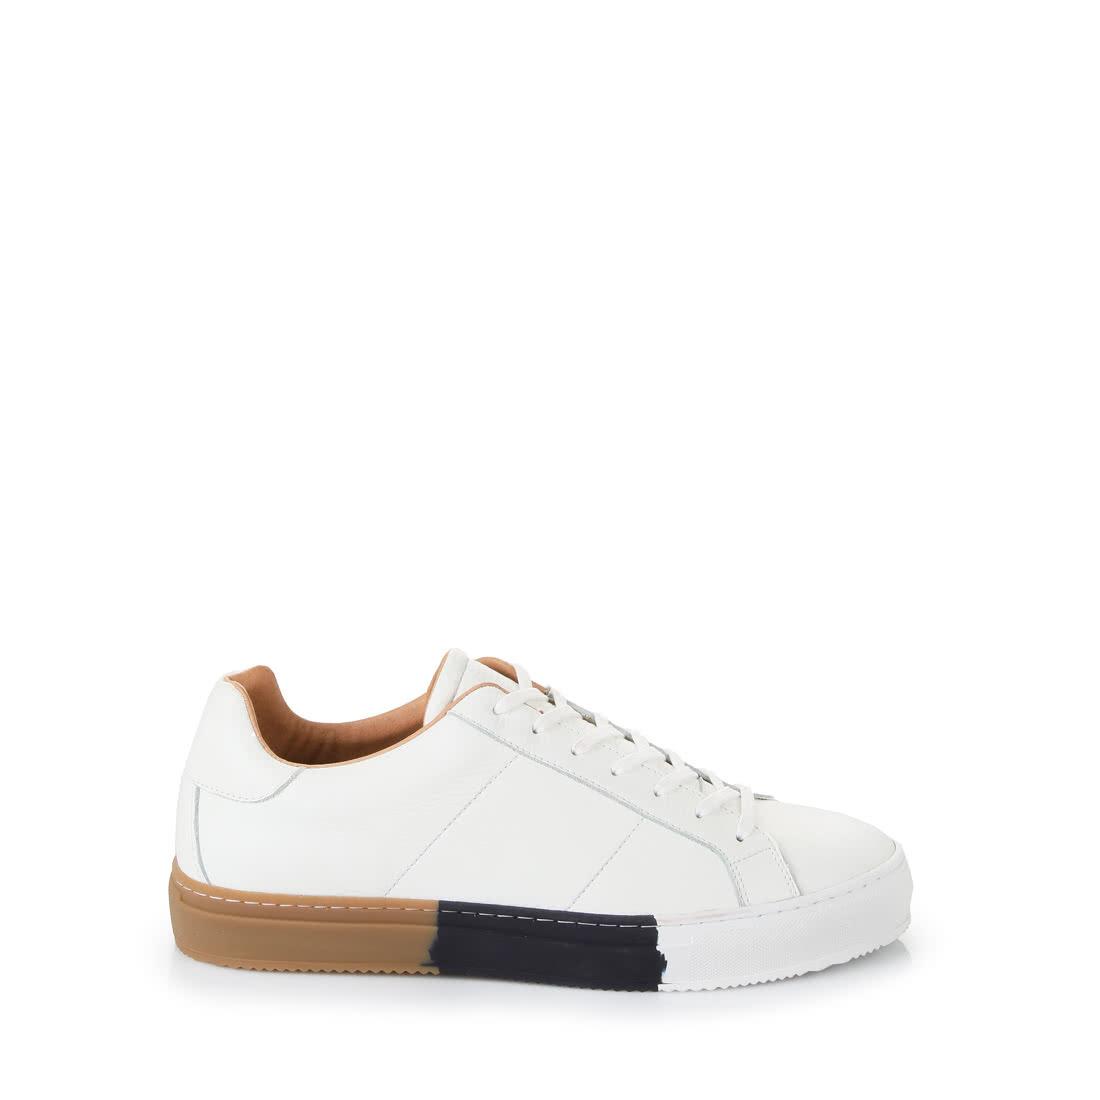 super popular d1752 dbd2c Buffalo Herren Sneaker in weiß online kaufen | BUFFALO®